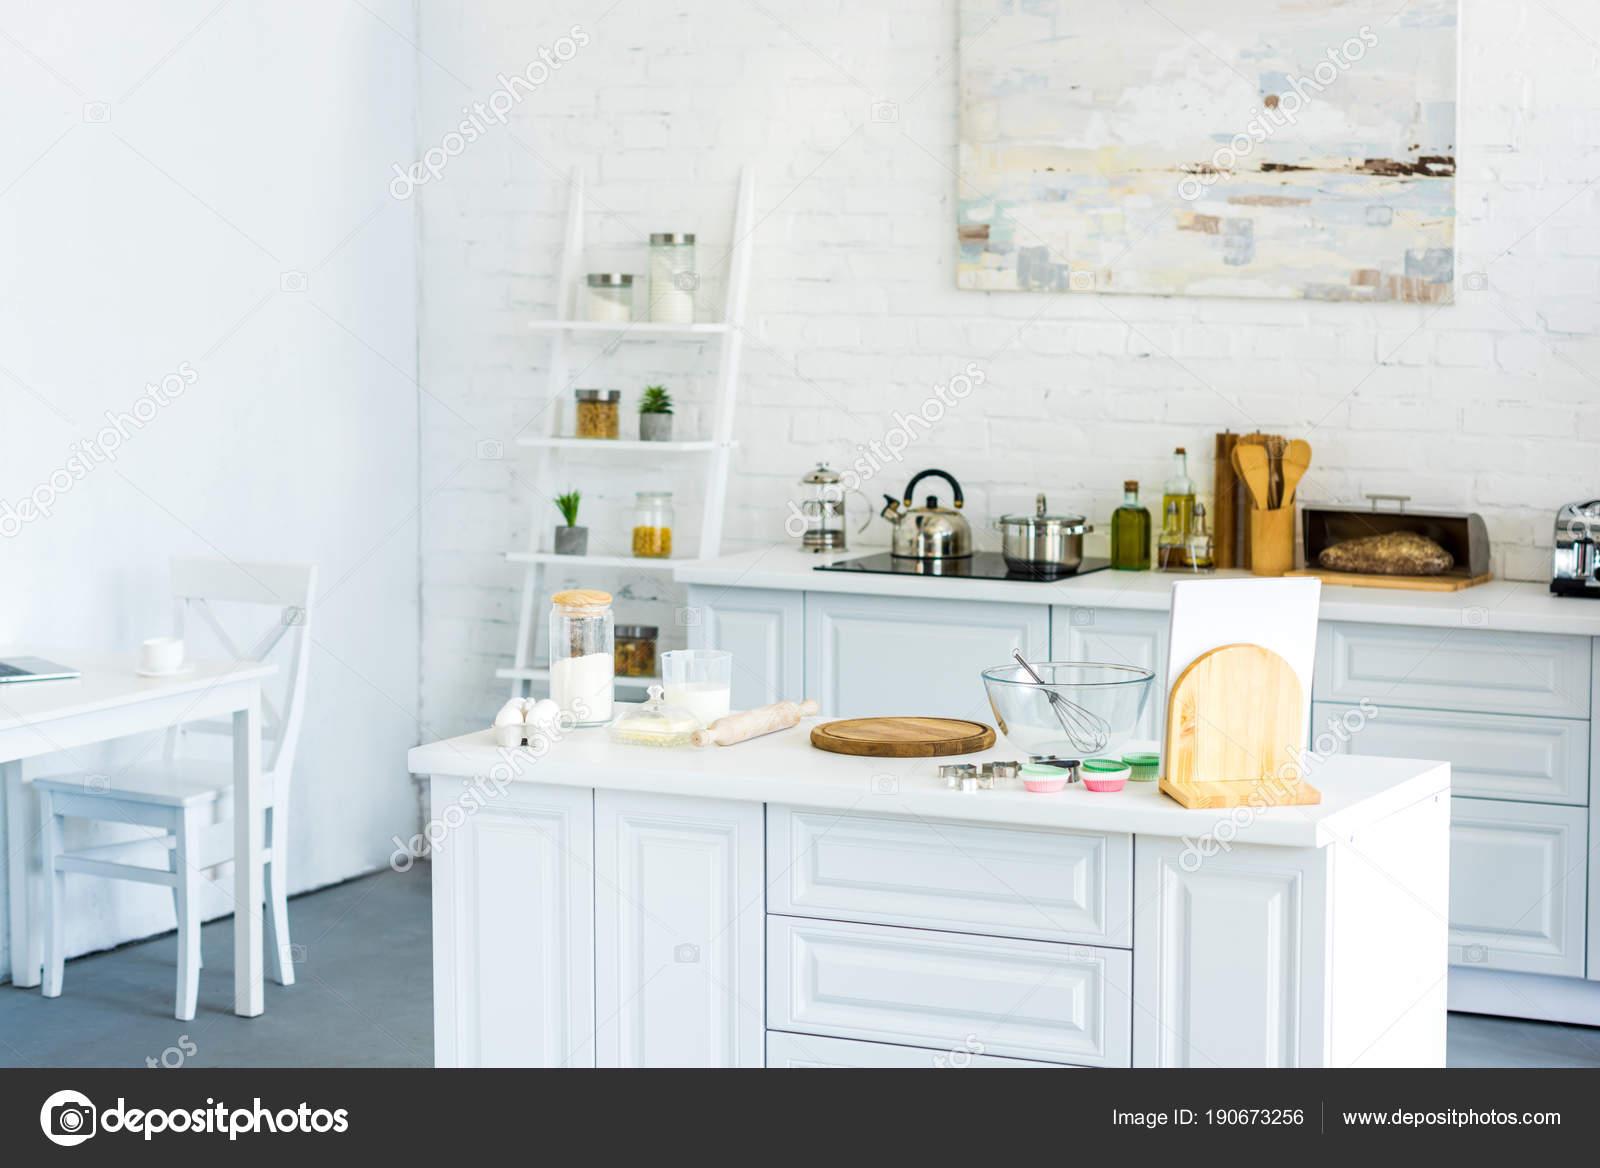 Innenraum Der Leichte Moderne Küche Mit Farbe Auf Wand — Stockfoto ...